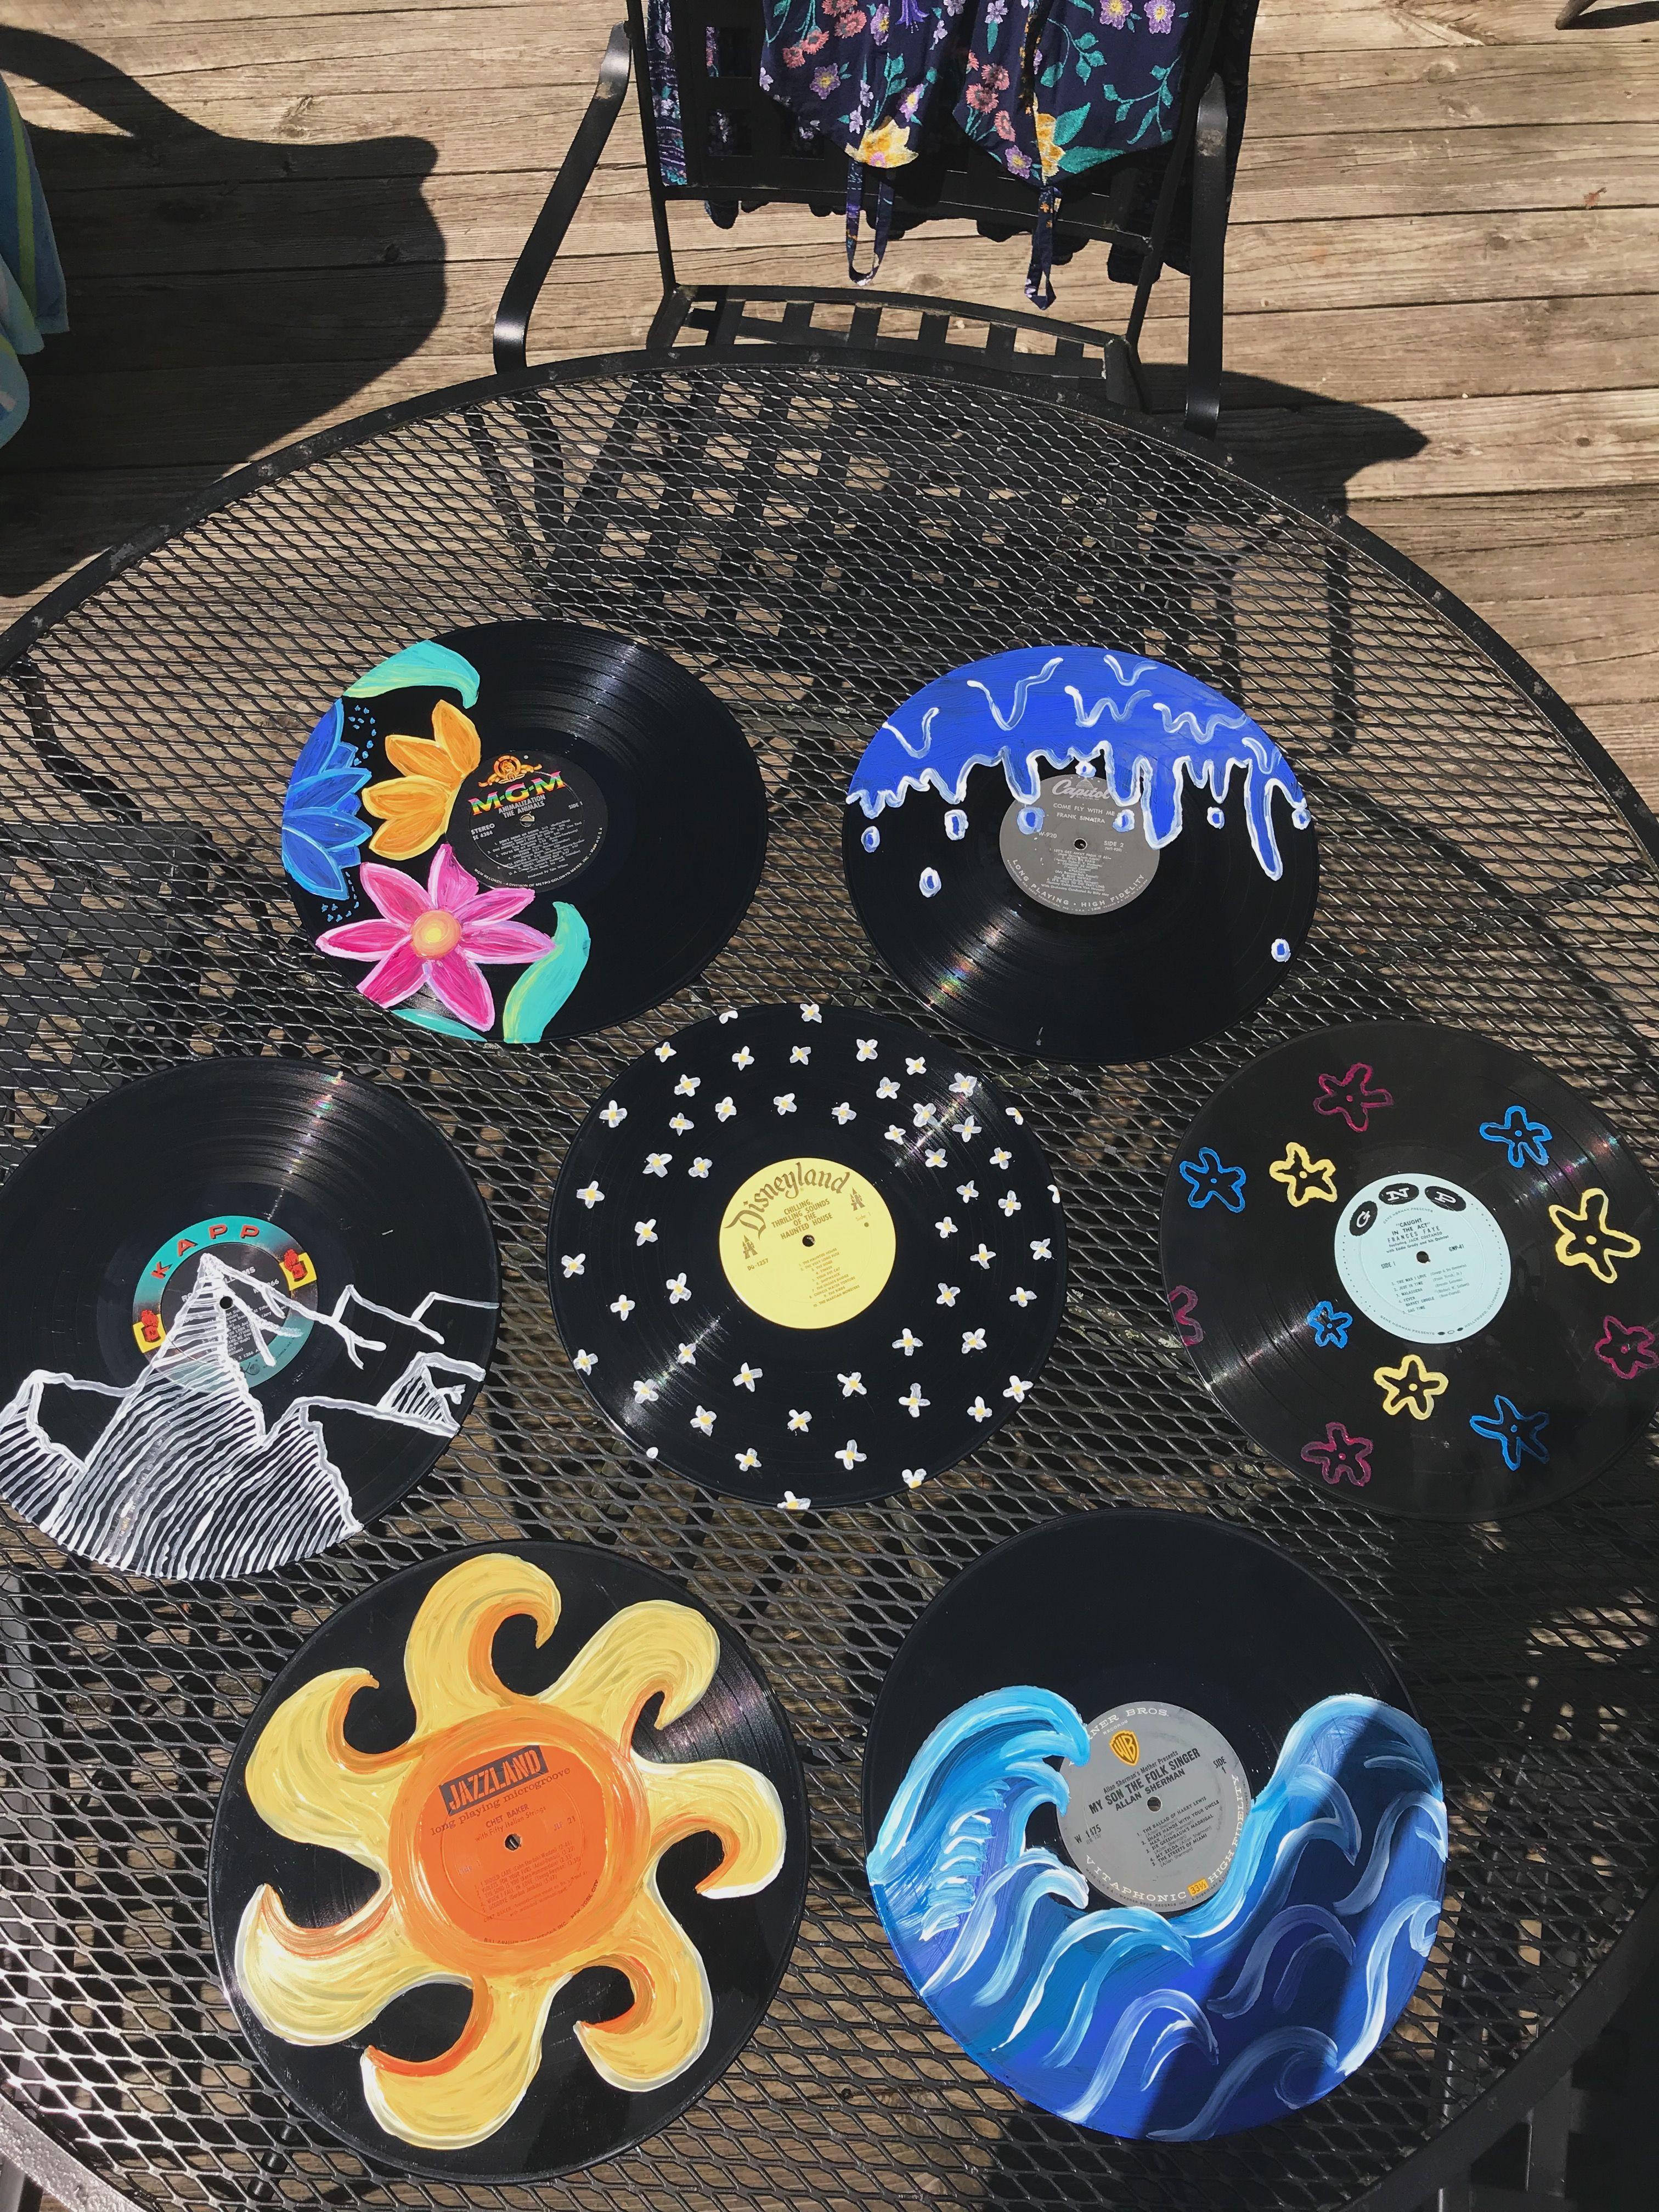 Painted Vinyl Records Record Wall Art Vinyl Art Paint Vinyl Record Art